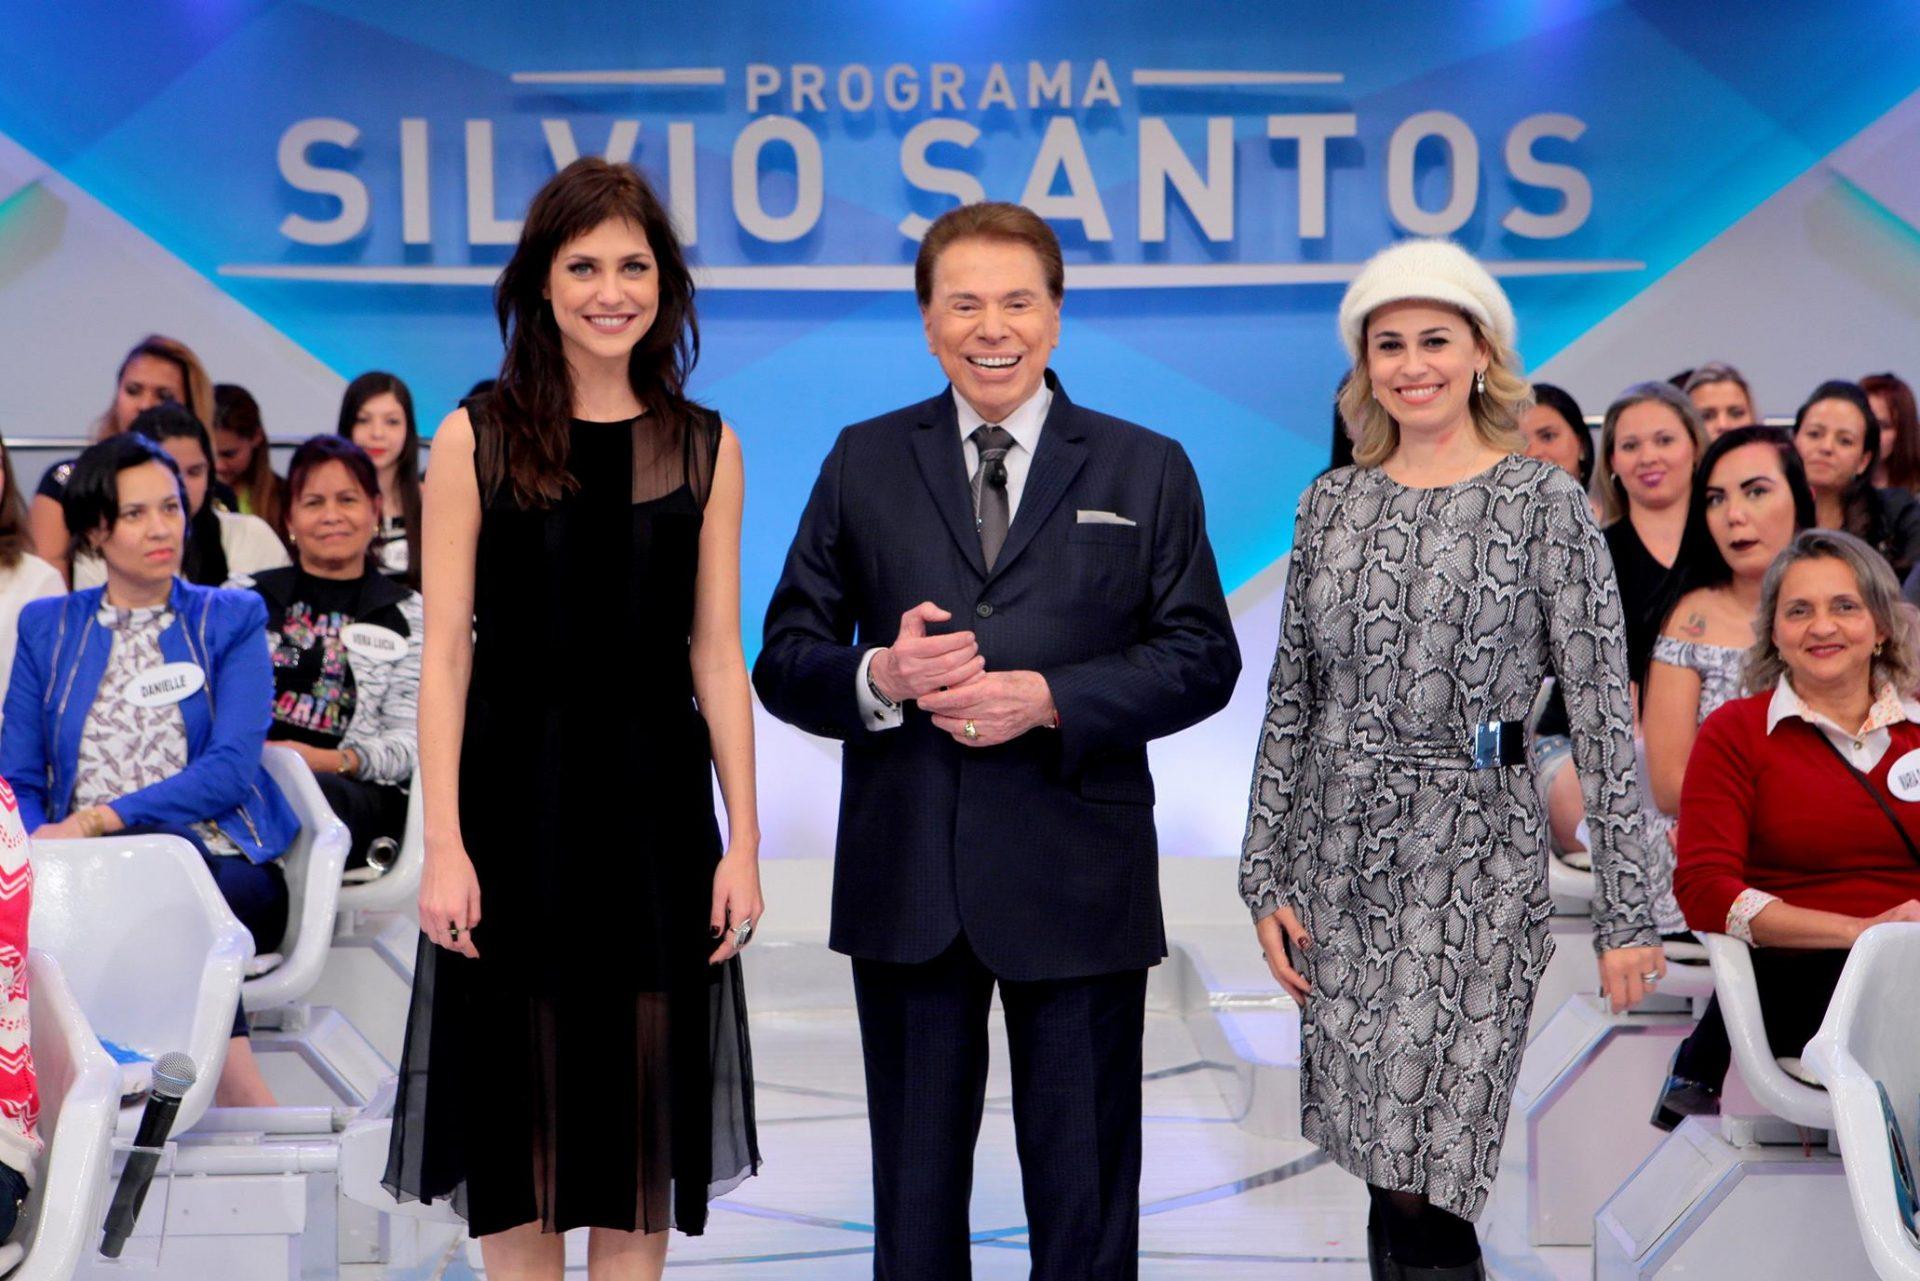 Foto: Lourival Ribeiro/SBT